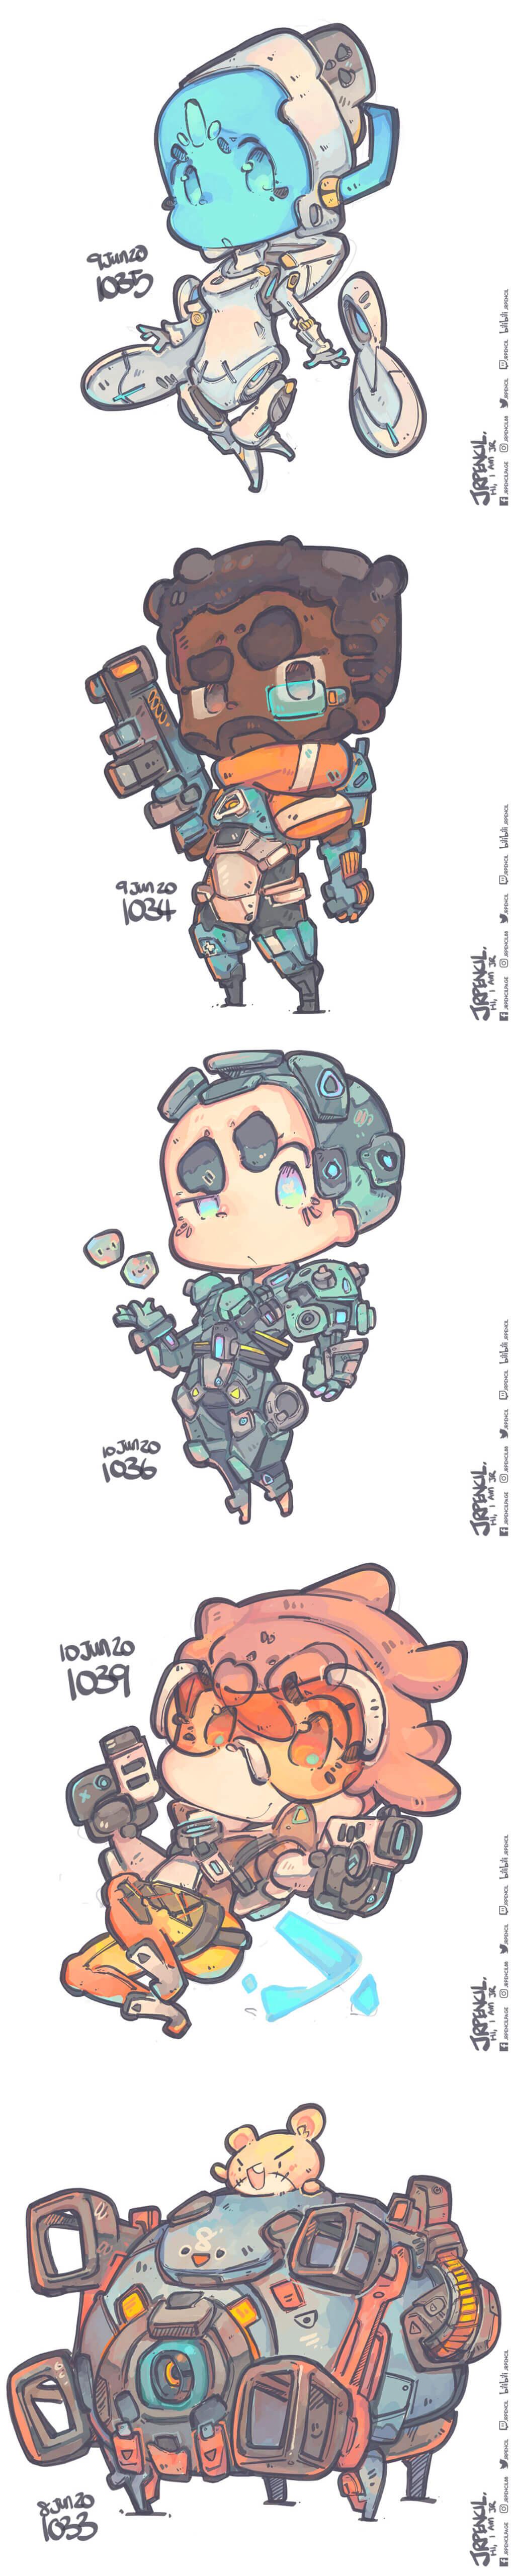 Overwatch Fan Art by Jr Pencil